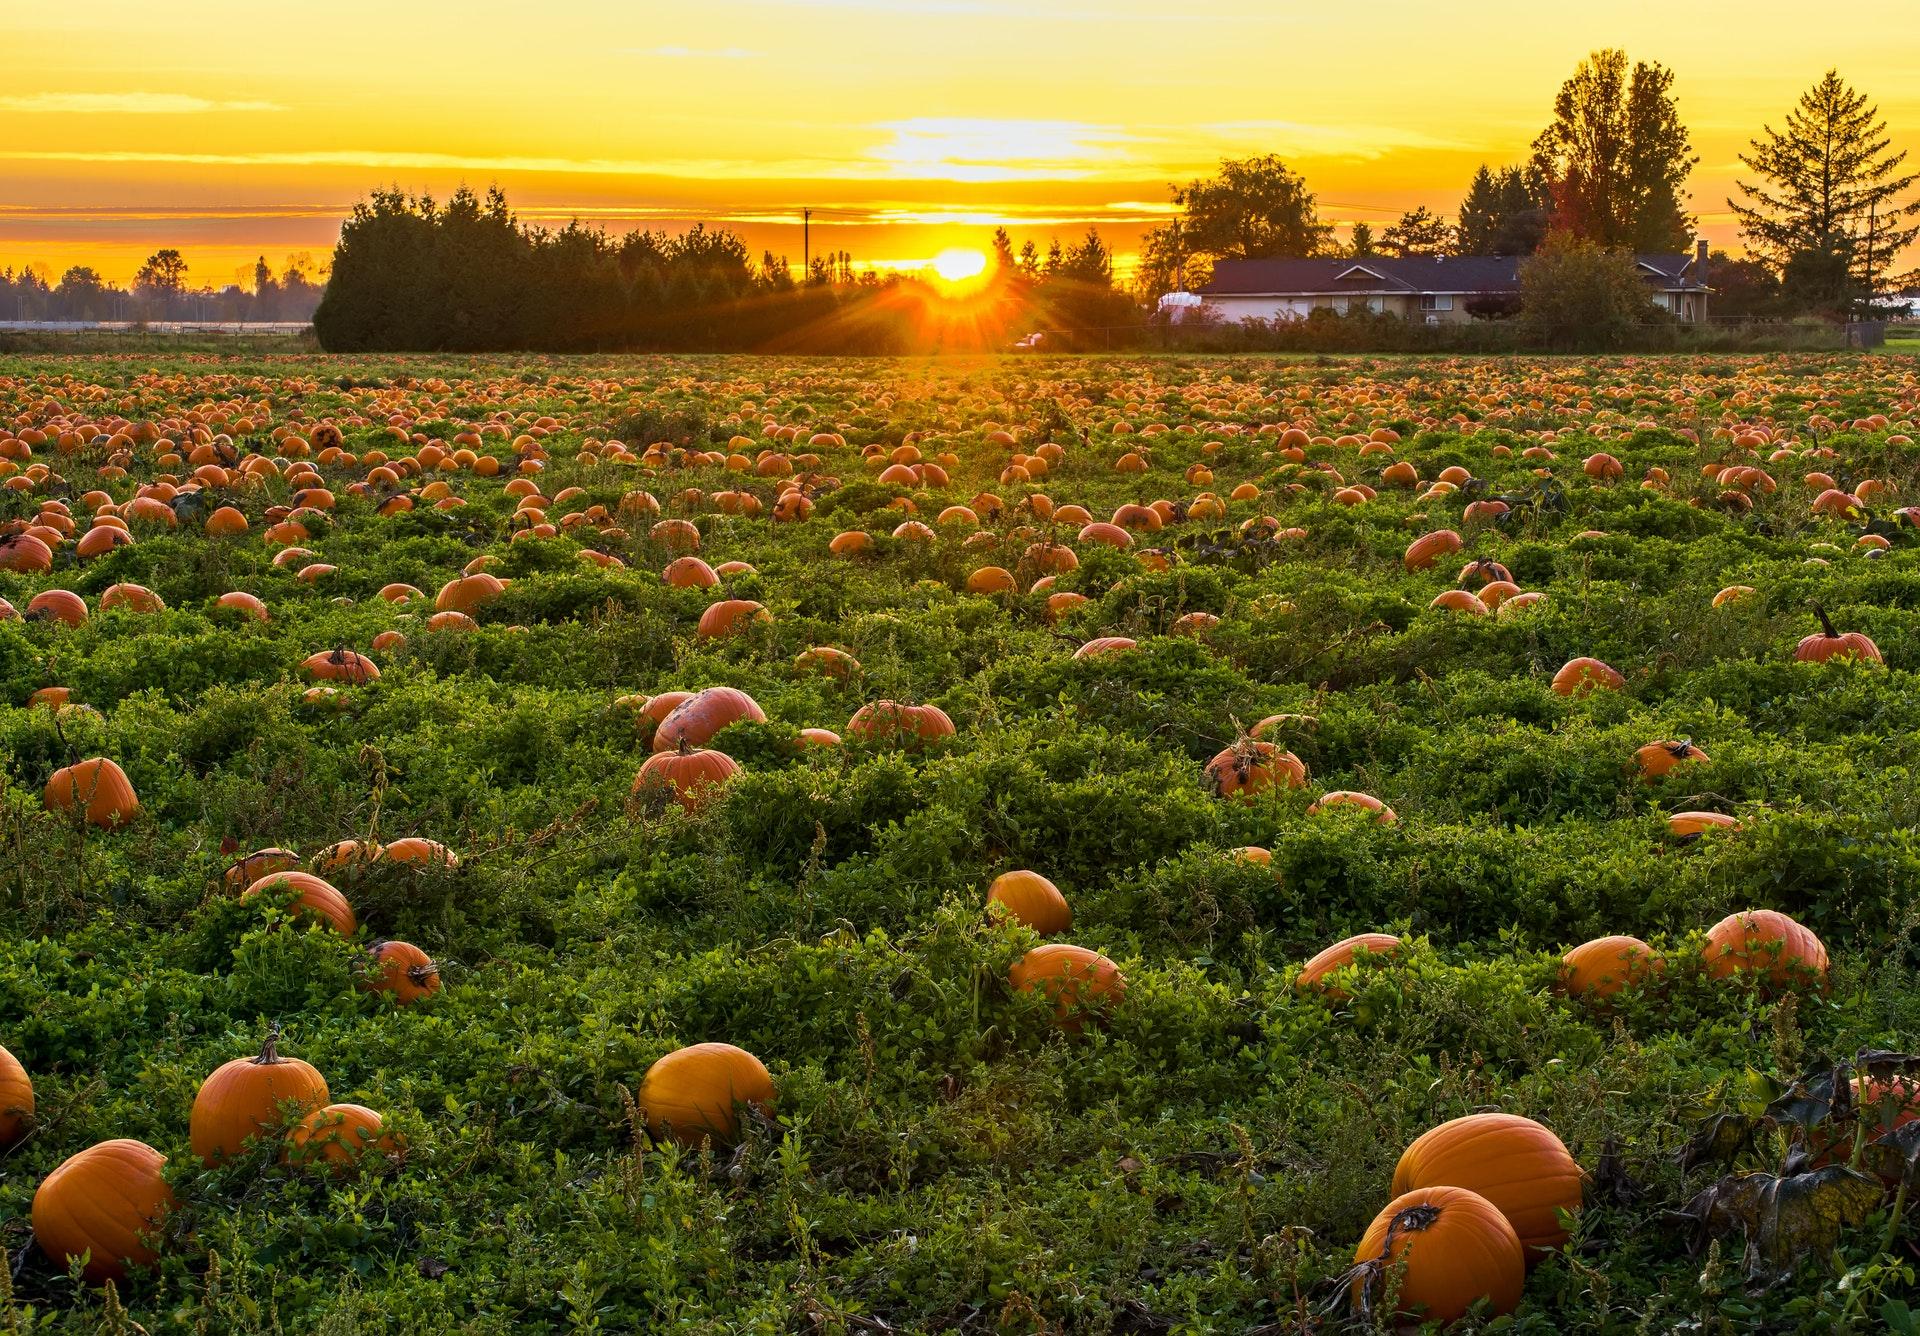 Photo of a Pumpkin Field at Sunset